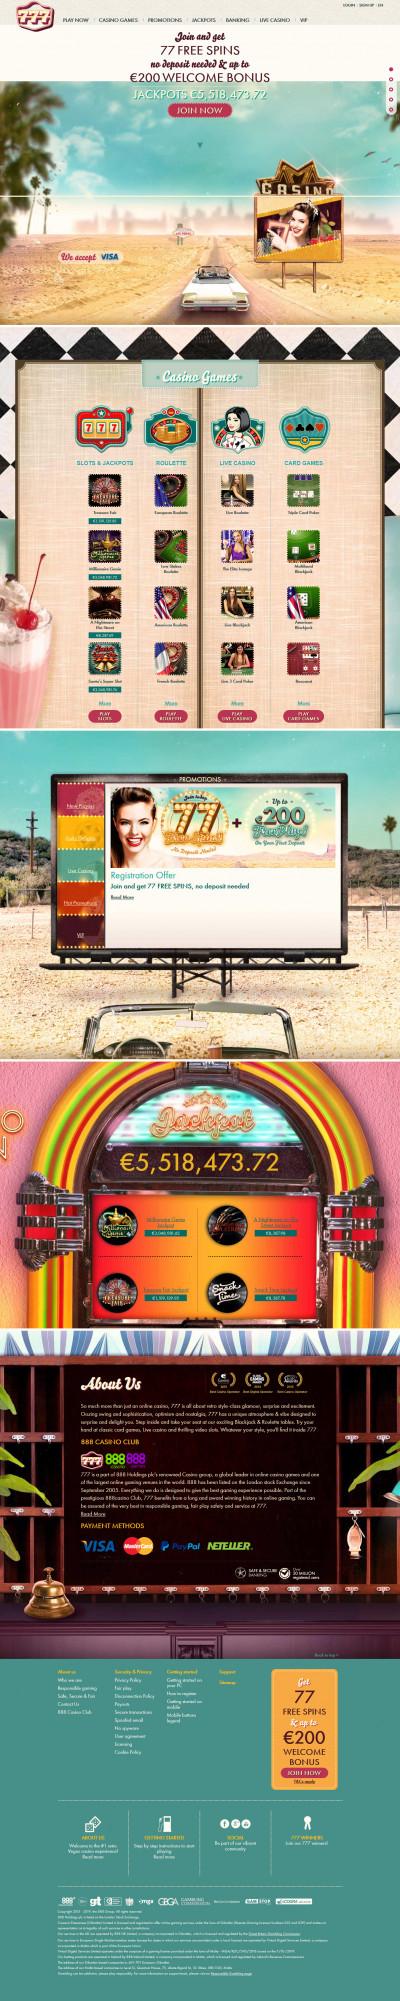 Casino 777 Screenshot